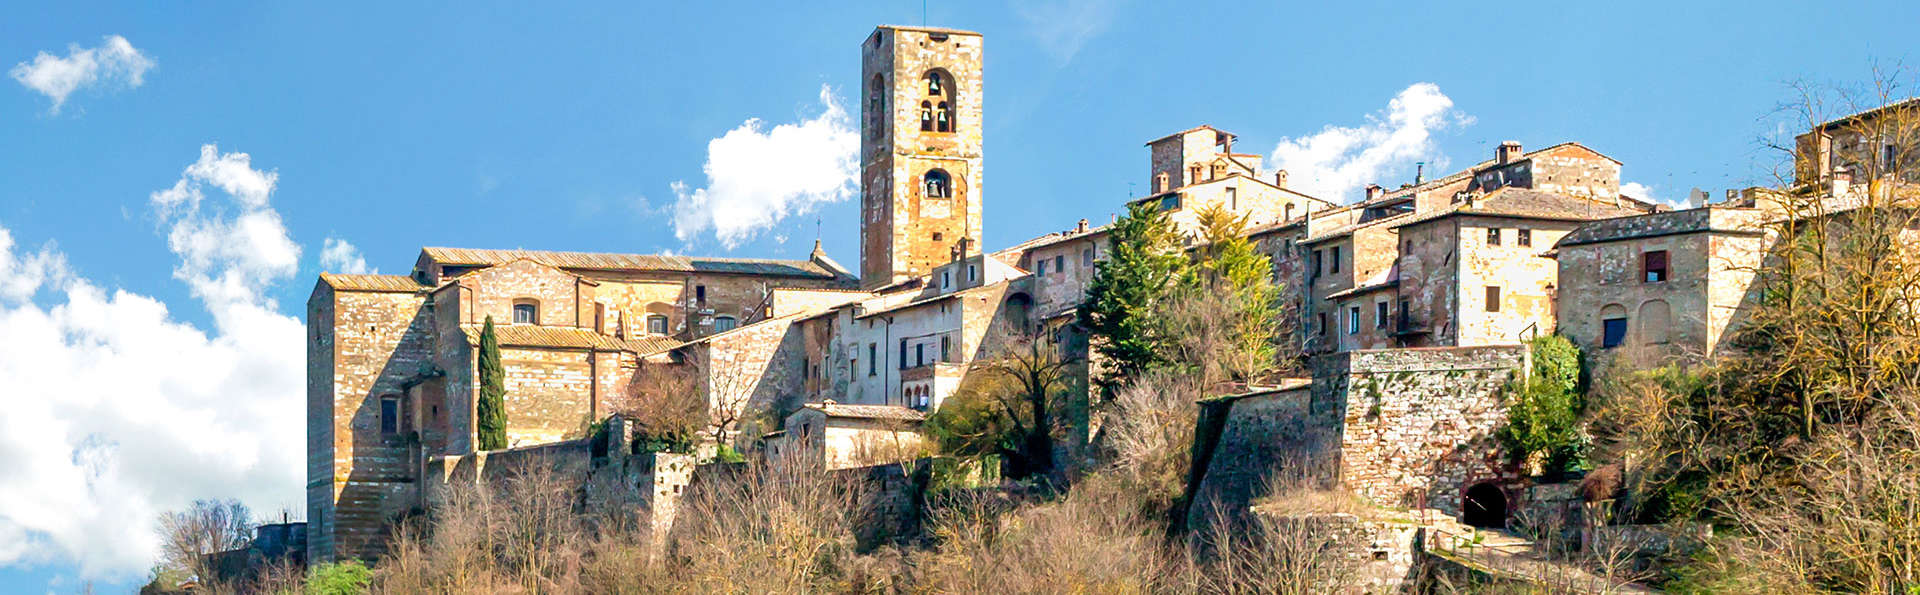 Repos en Toscane dans un fascinant village médiéval à Colle di Val d'Elsa